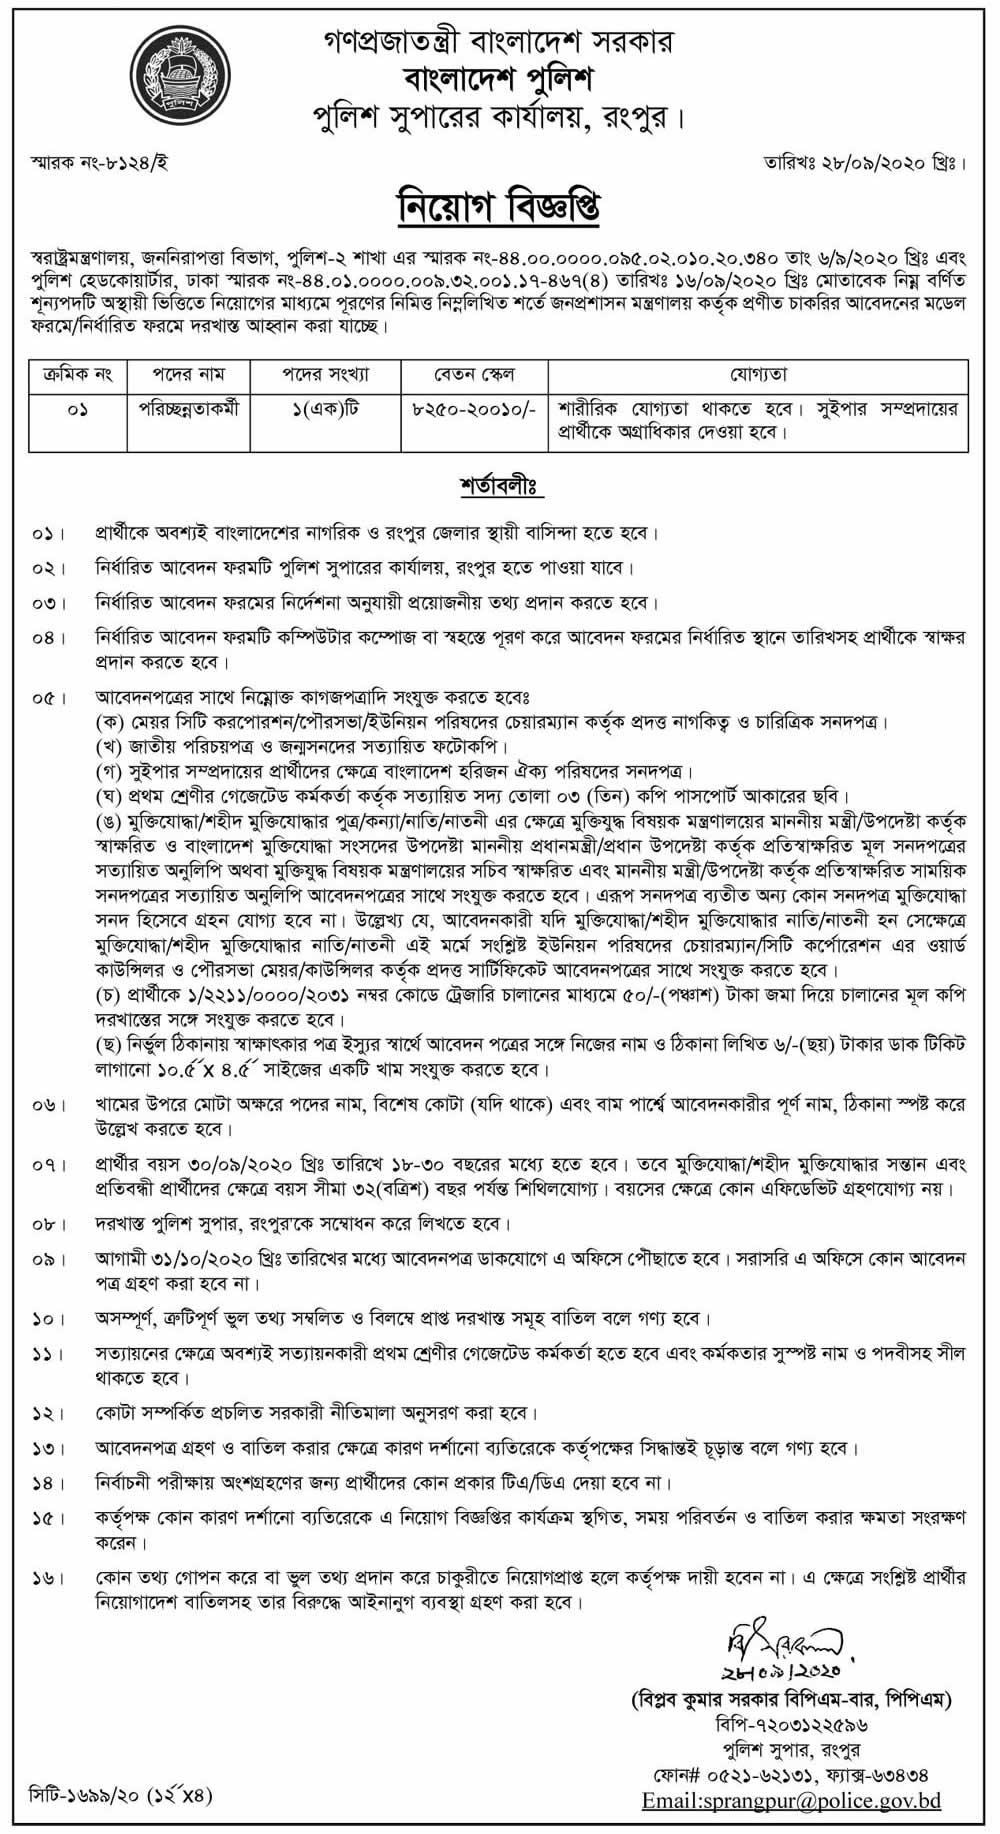 রংপুর পুলিশ সুপারের কার্যালয় নিয়োগ বিজ্ঞপ্তি - Rangpur Police Super (SP) Office Job Circular